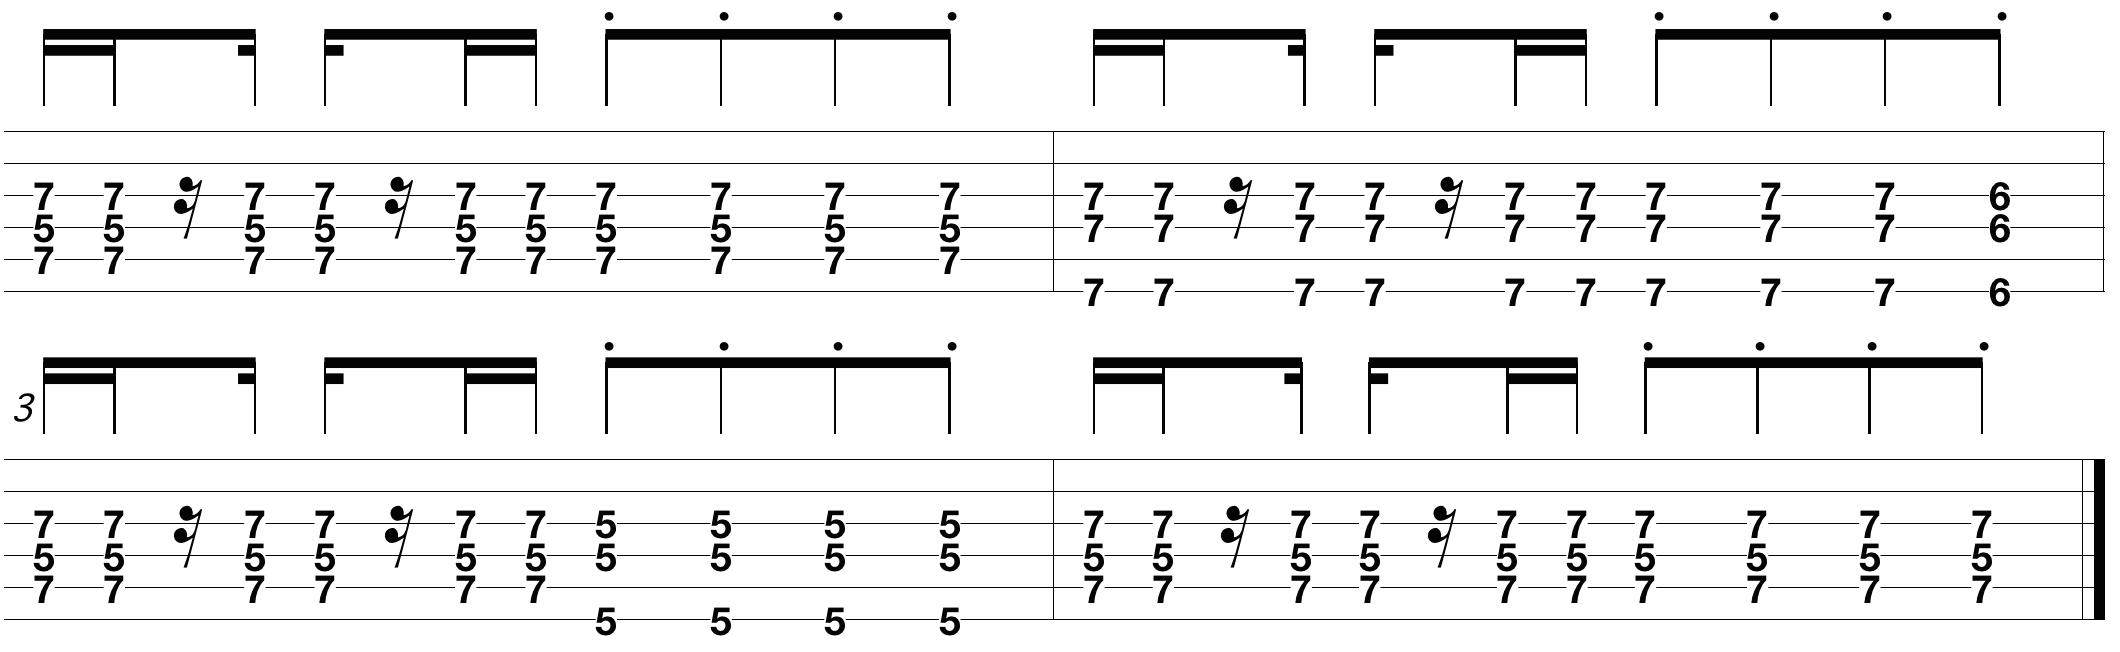 learning rhythm guitar